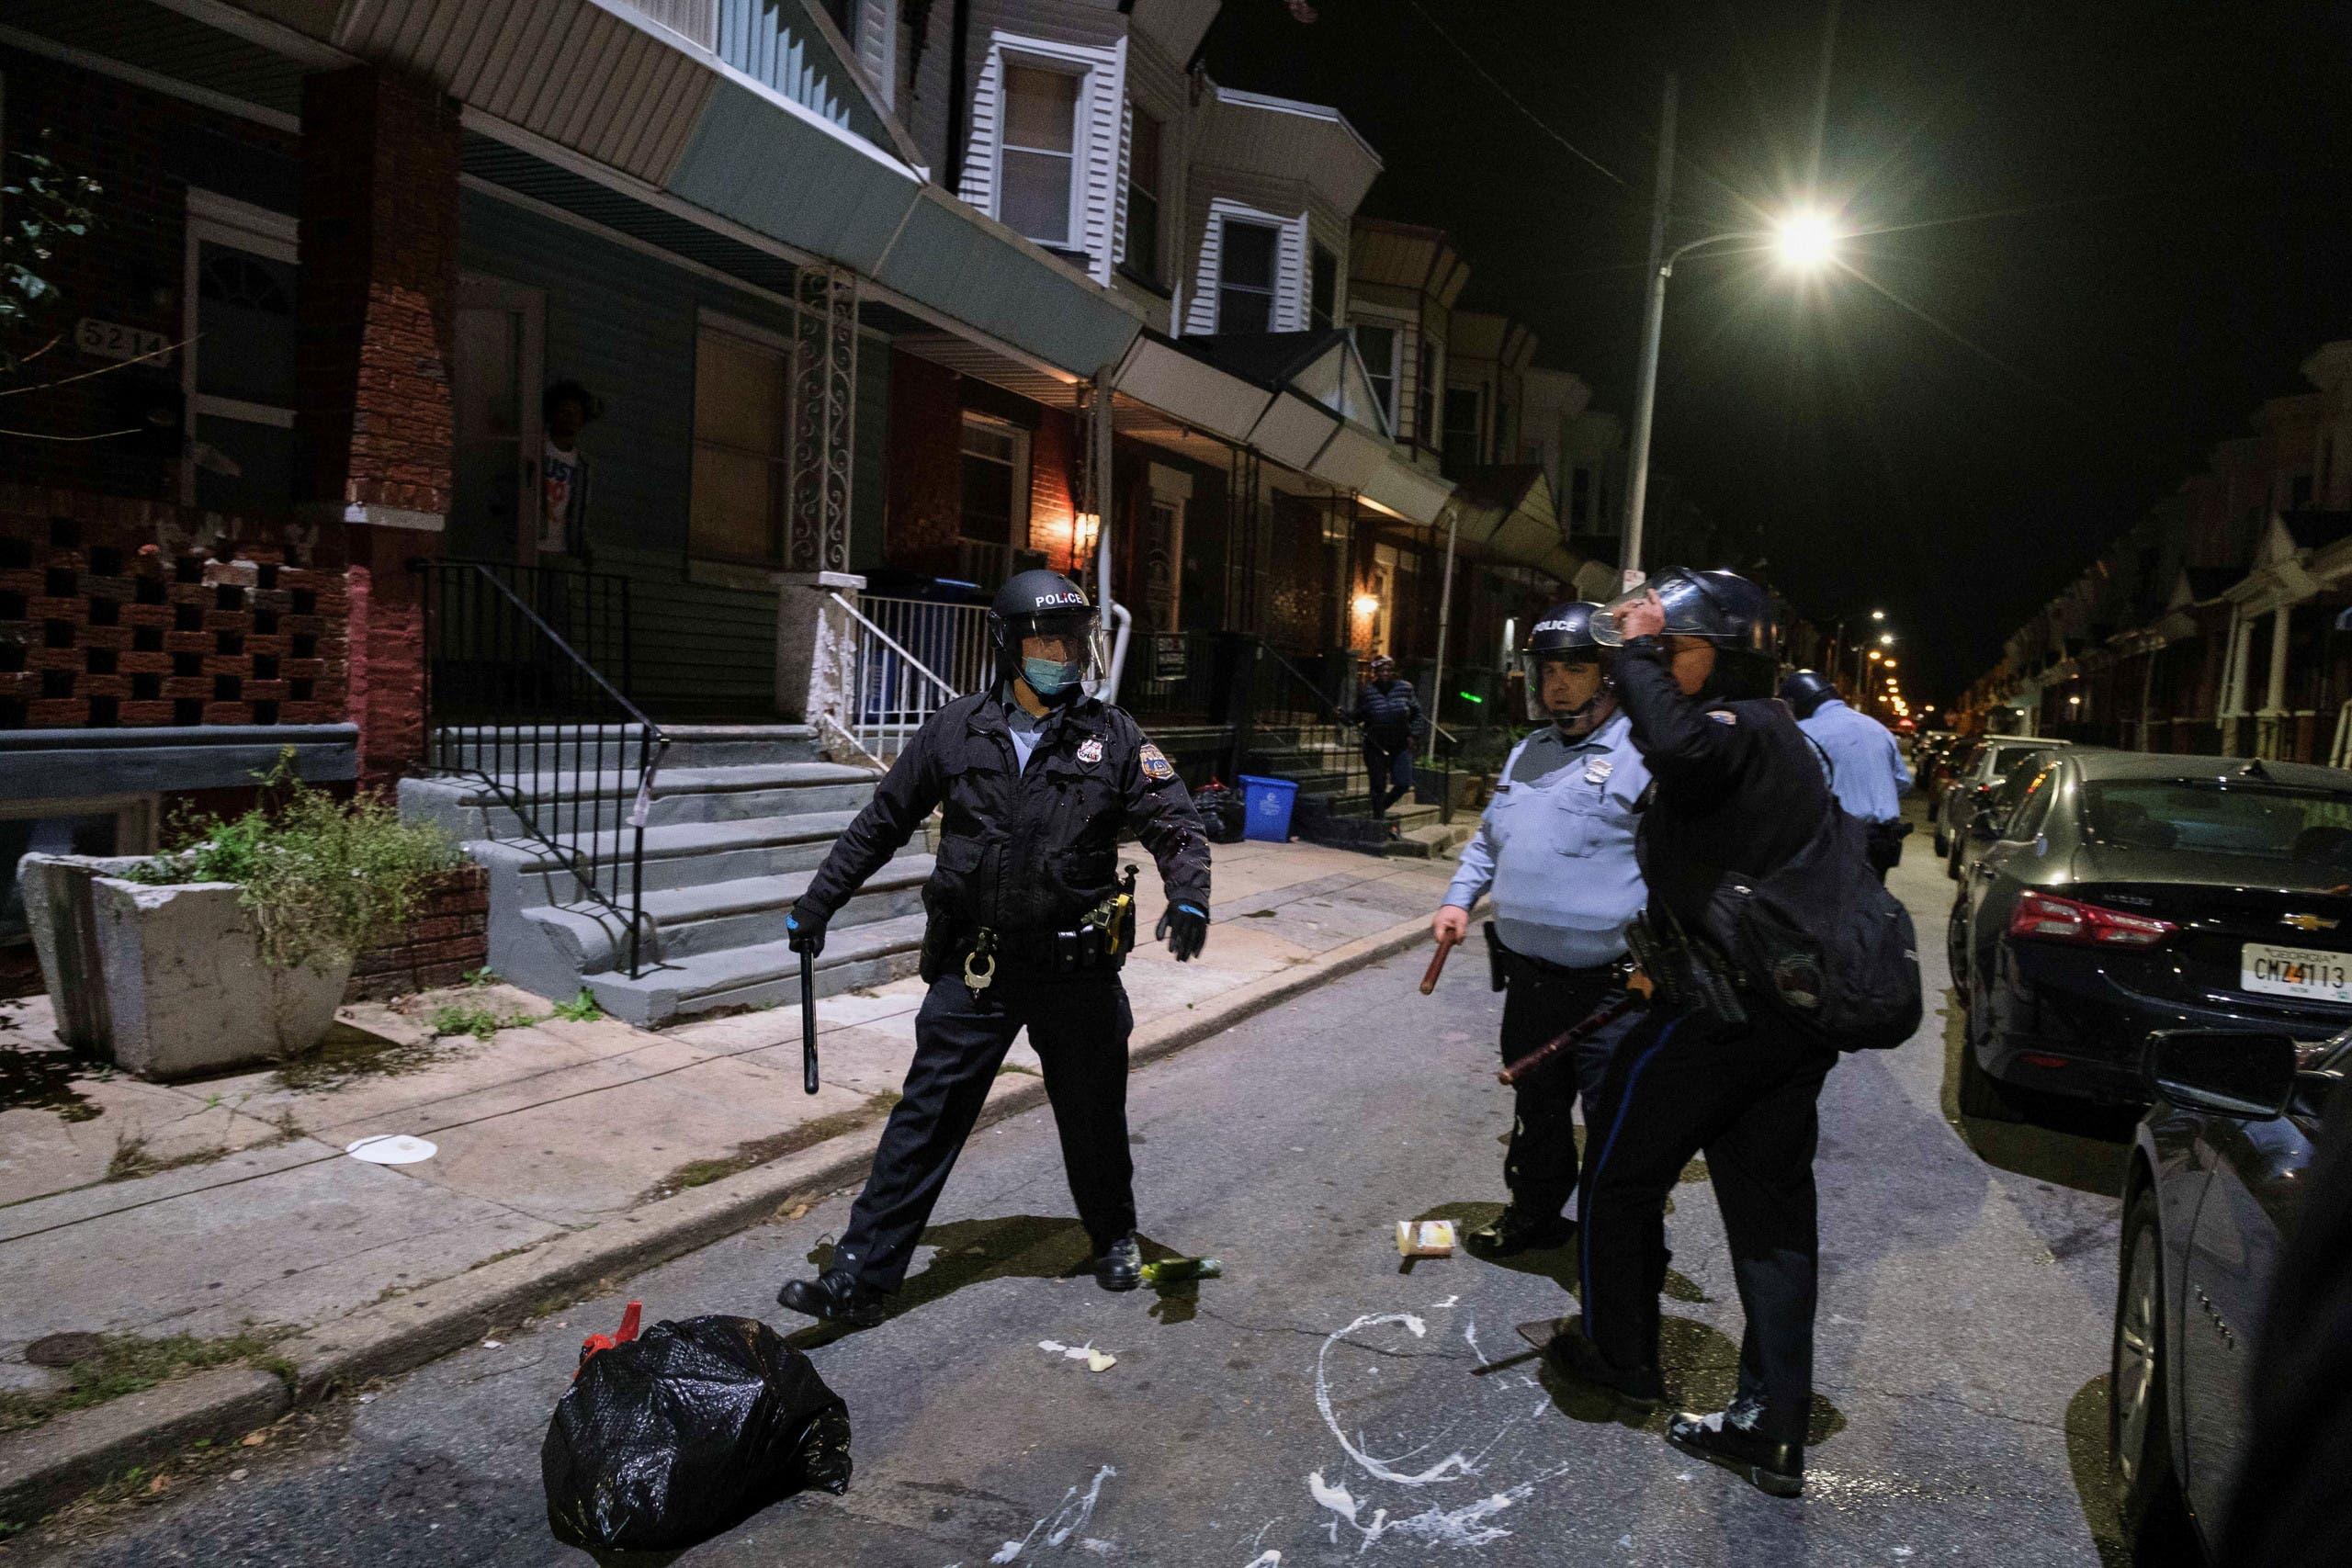 الشرطة خلال الاحتجاجات في فيلادلفيا